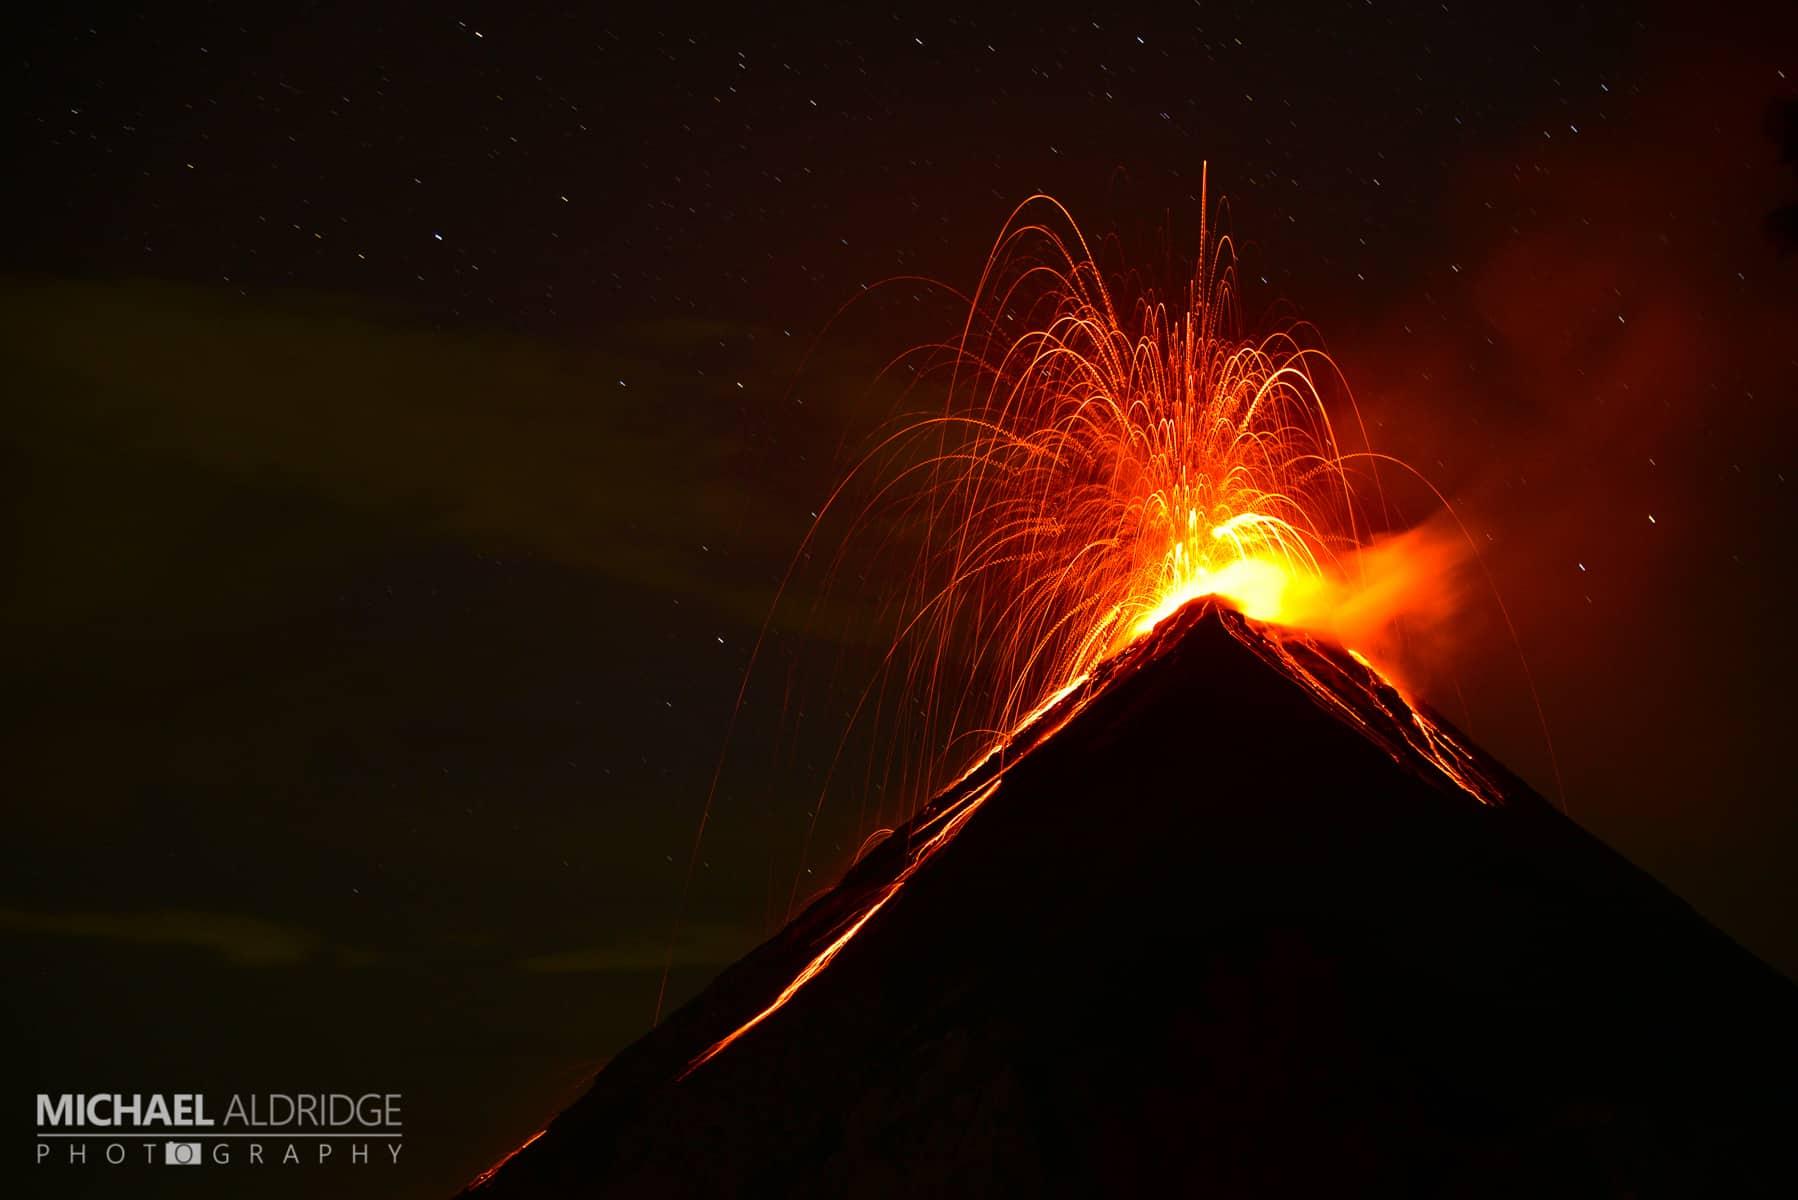 Volcan de fuego eruption by night